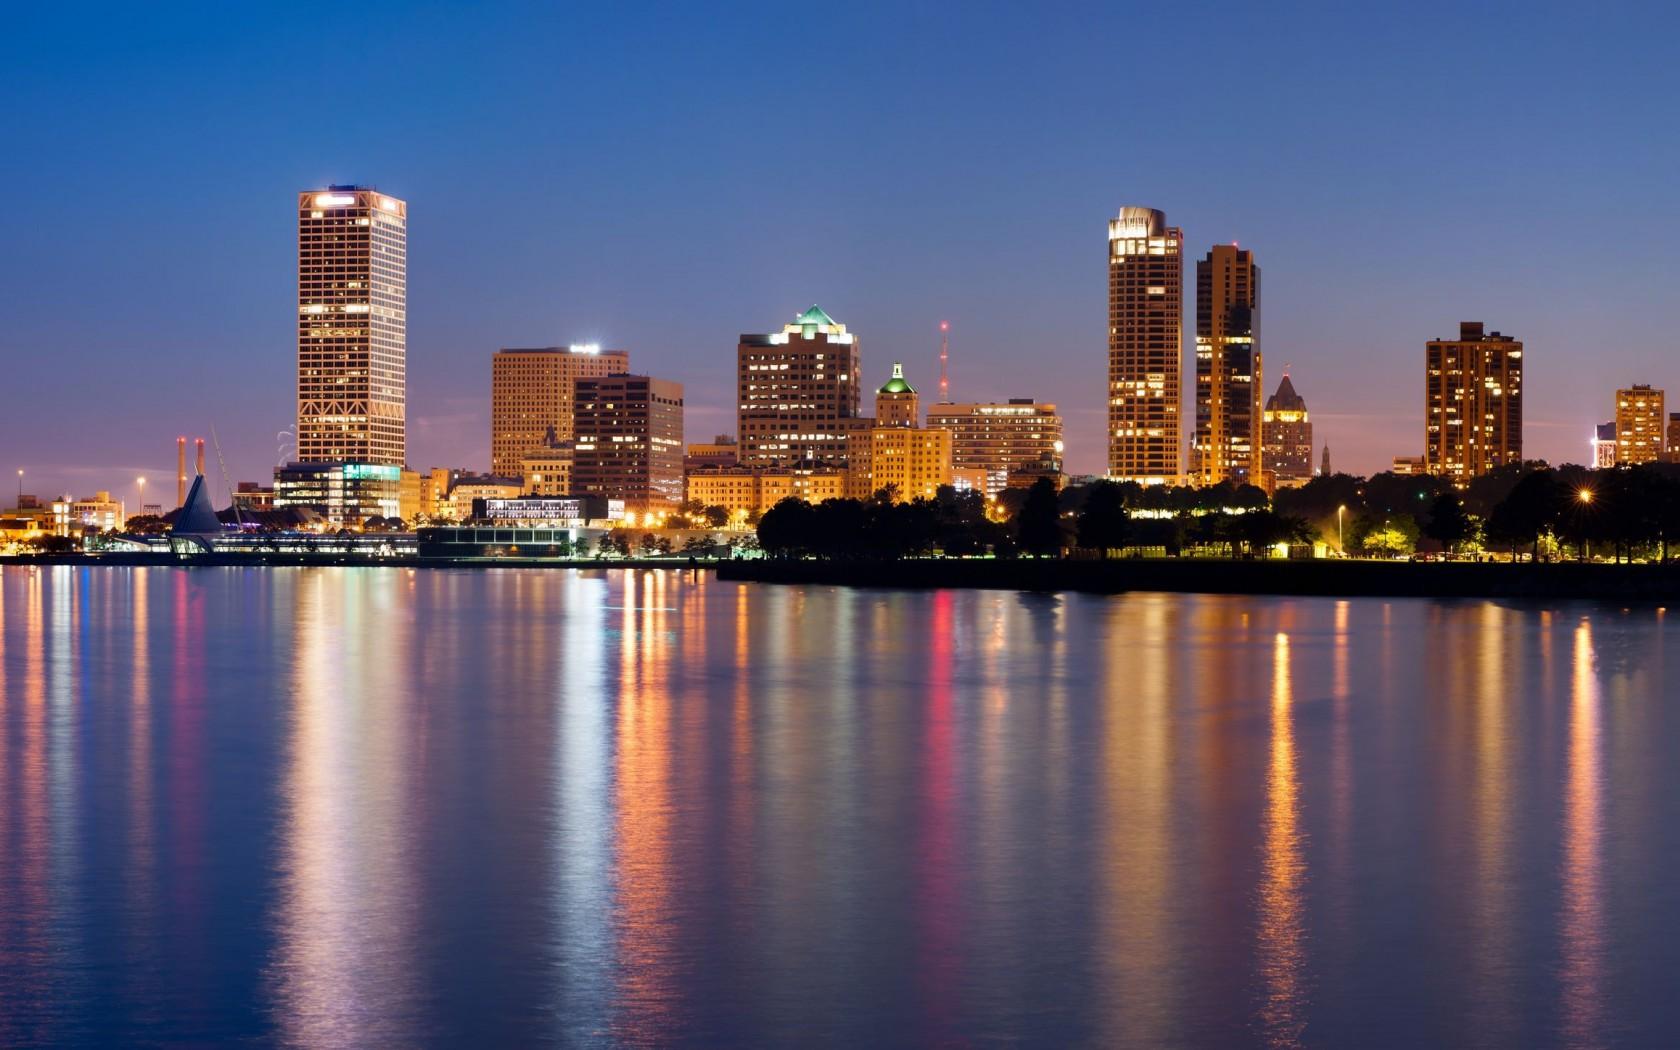 Milwaukee 17989 1680x1050px 1680x1050